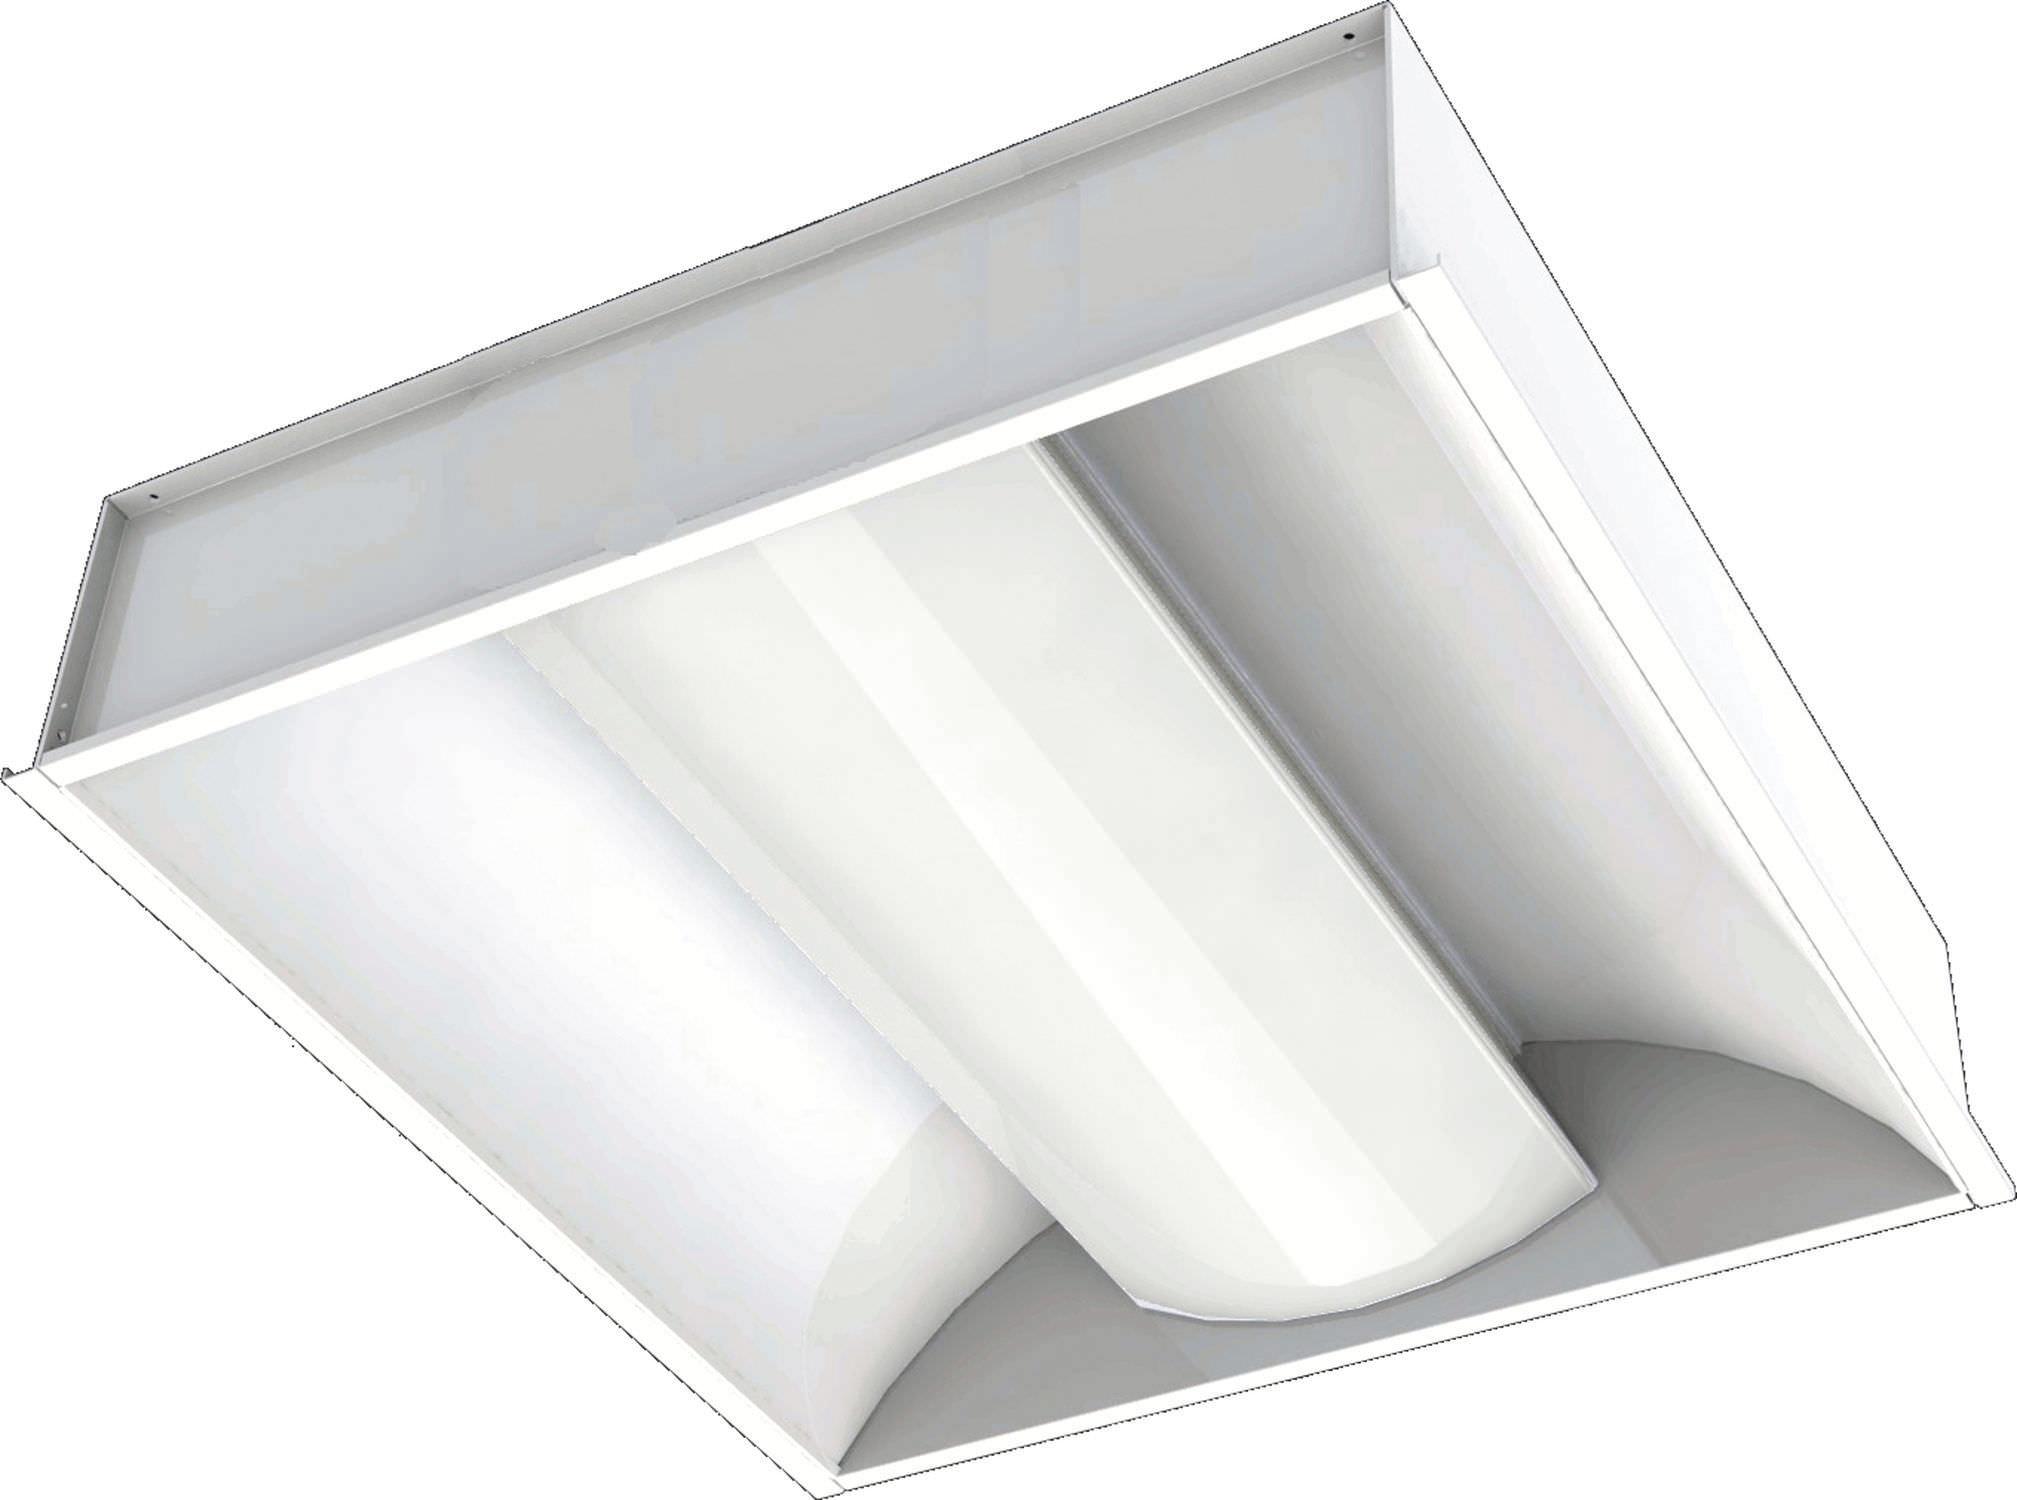 Illuminazione da incasso per ospedale a soffitto a lampada